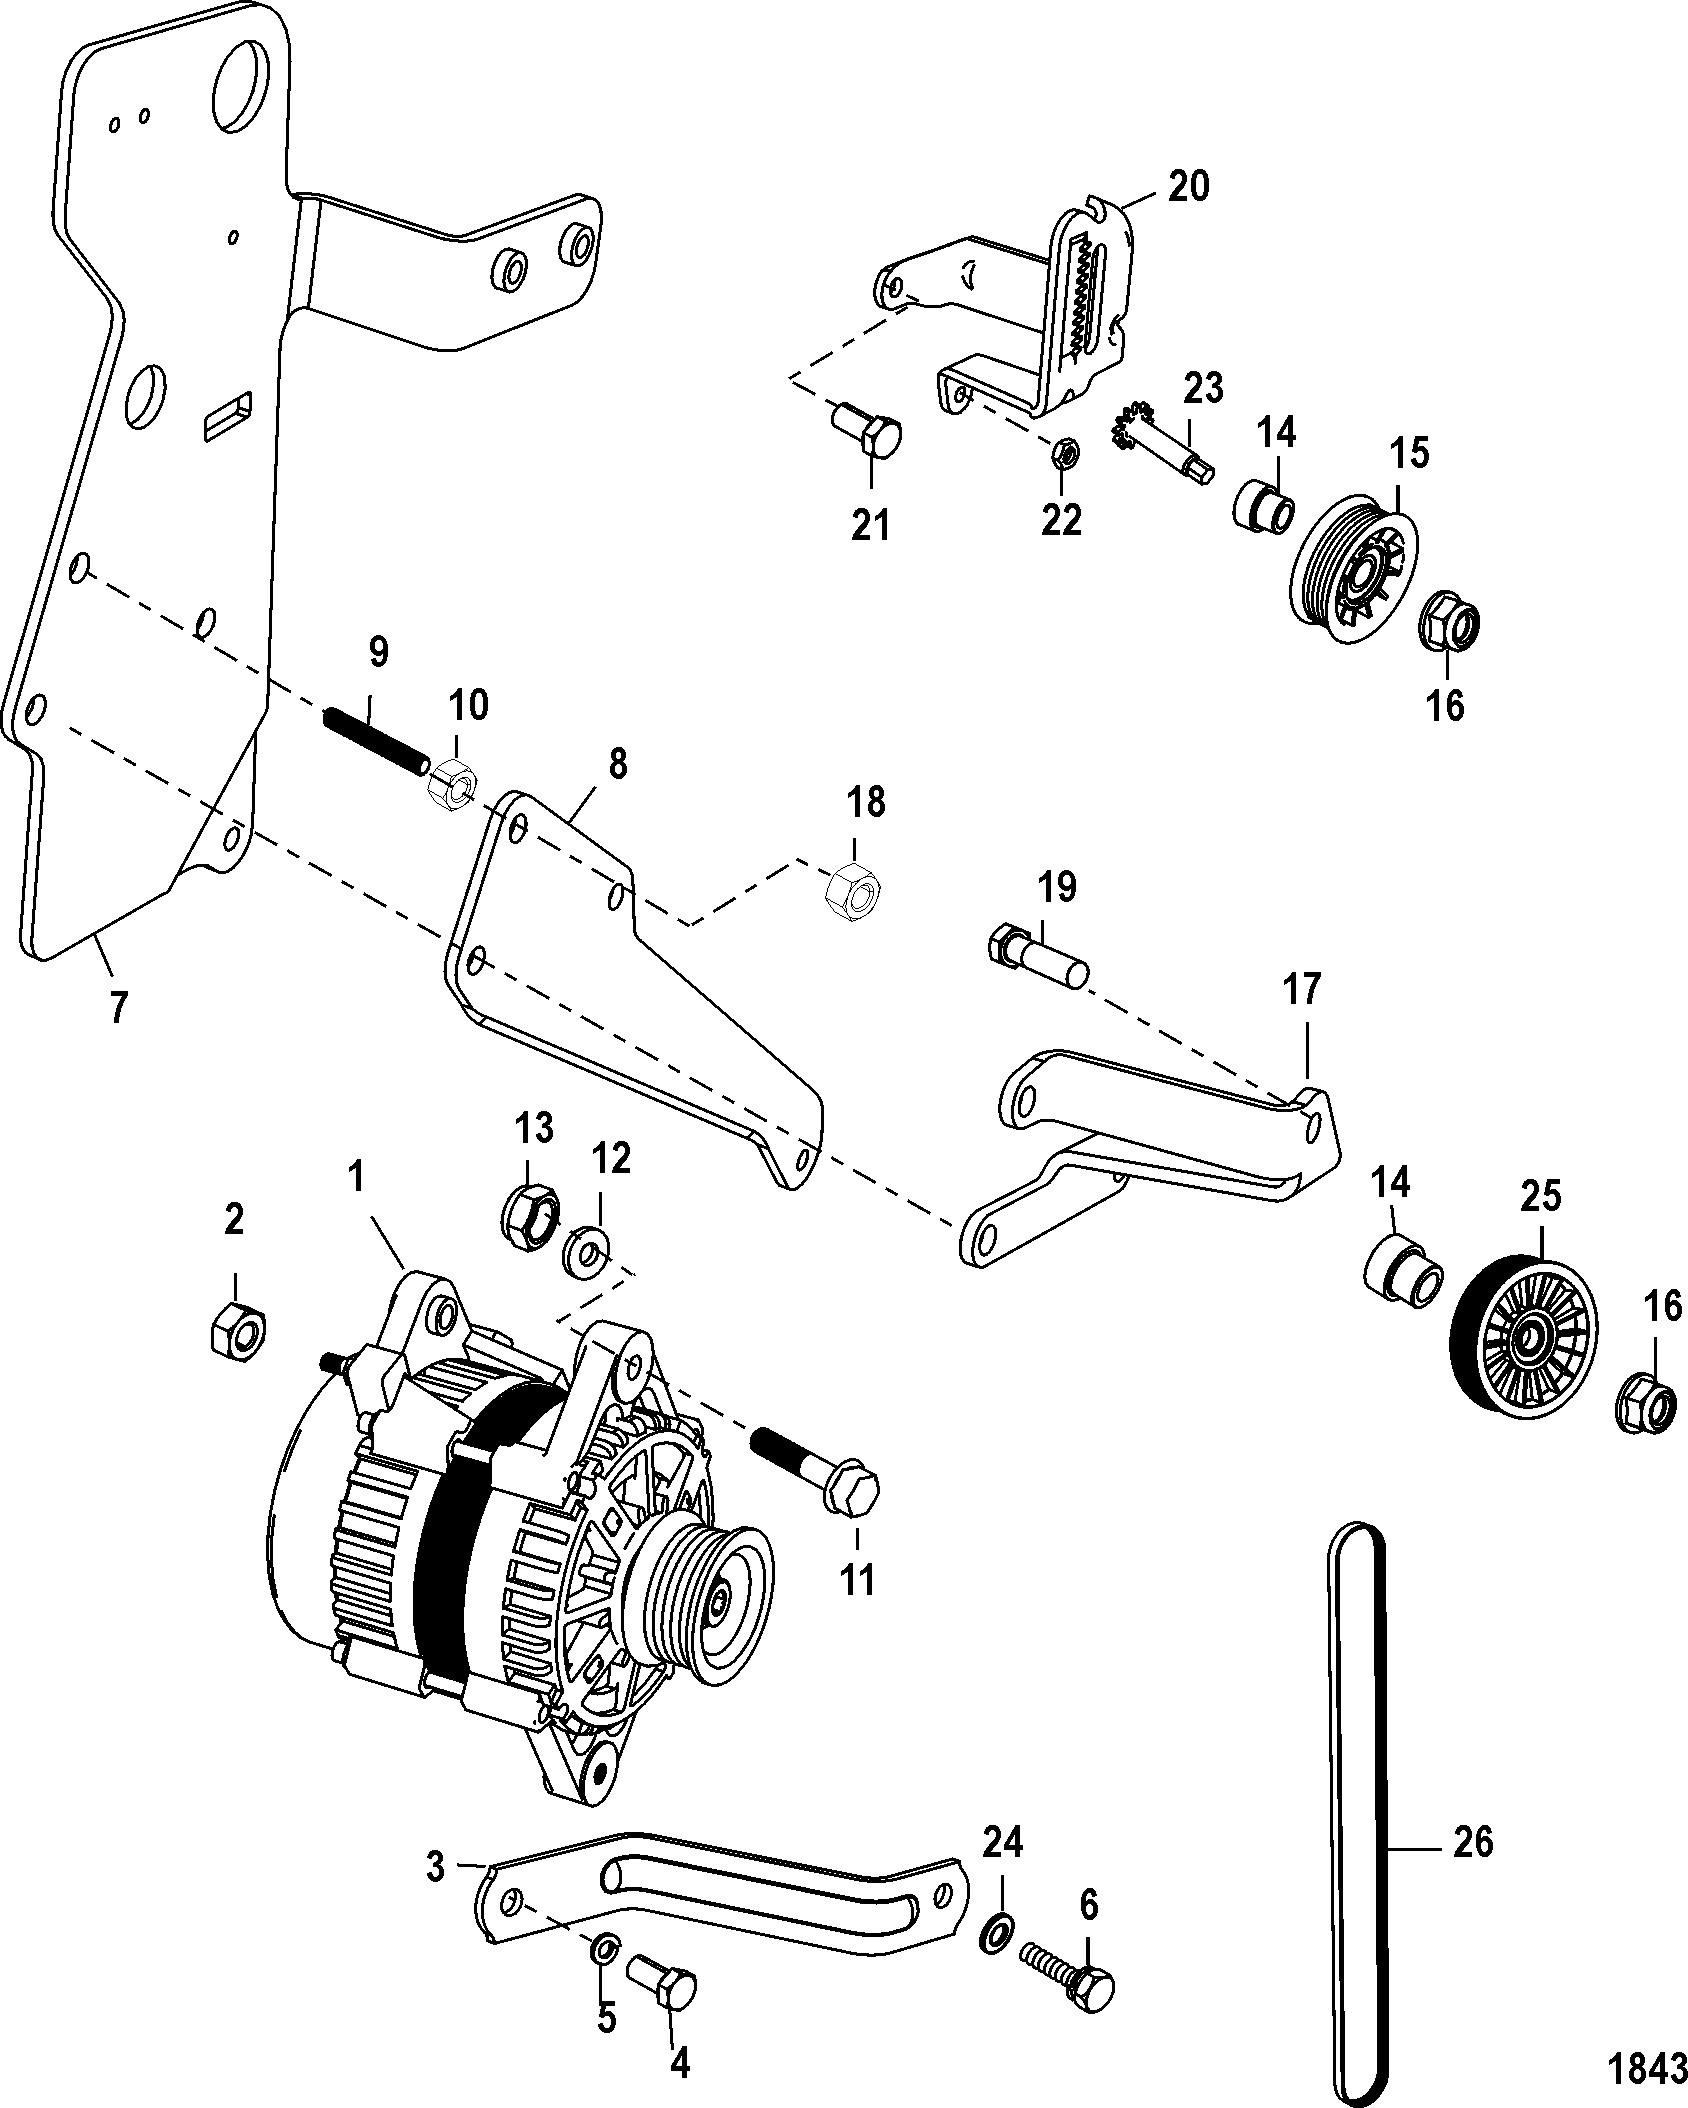 Alternator And Brackets For Mie 350 Mag Mpi Ski